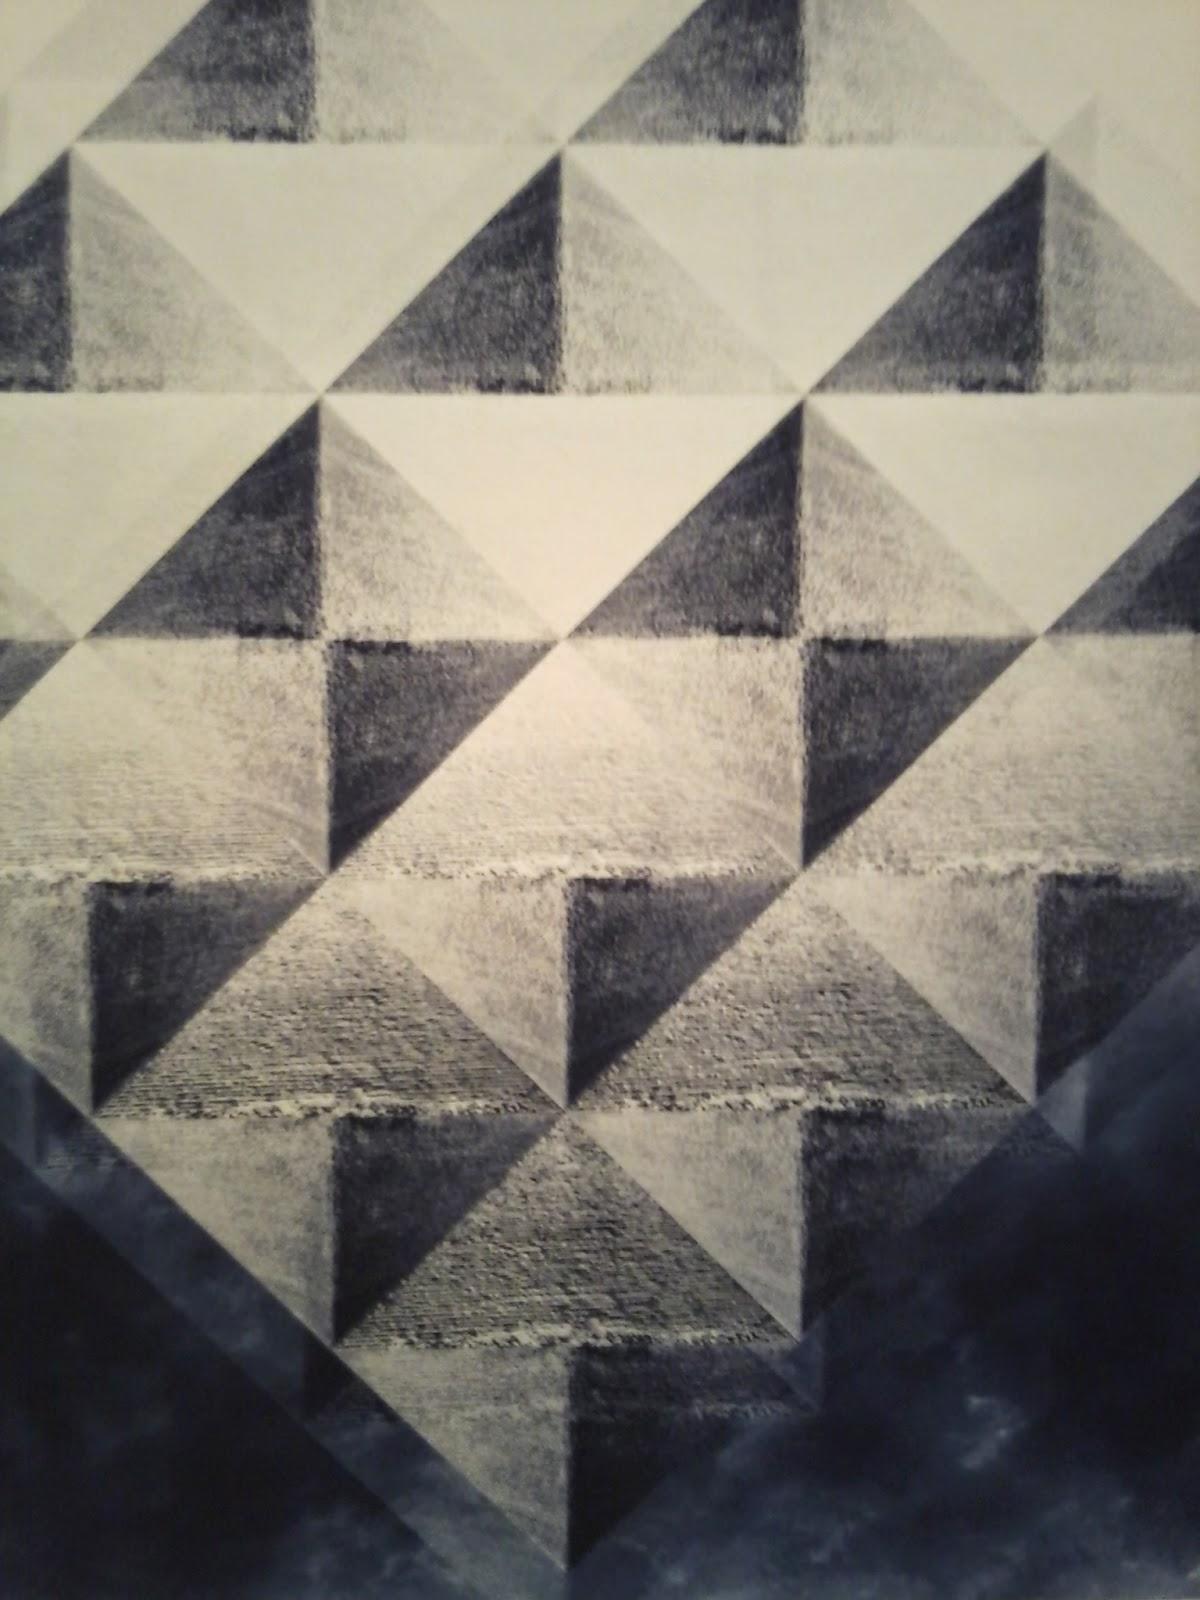 Fotografía abstracta, fotografía geométrica, geometría, fotografía de arquitectura, jesus chamizo, madrid, exposiciones, voa-gallery blogspot, blog de arte, yvonne brochard, decoración, interioristas, concepto dr,